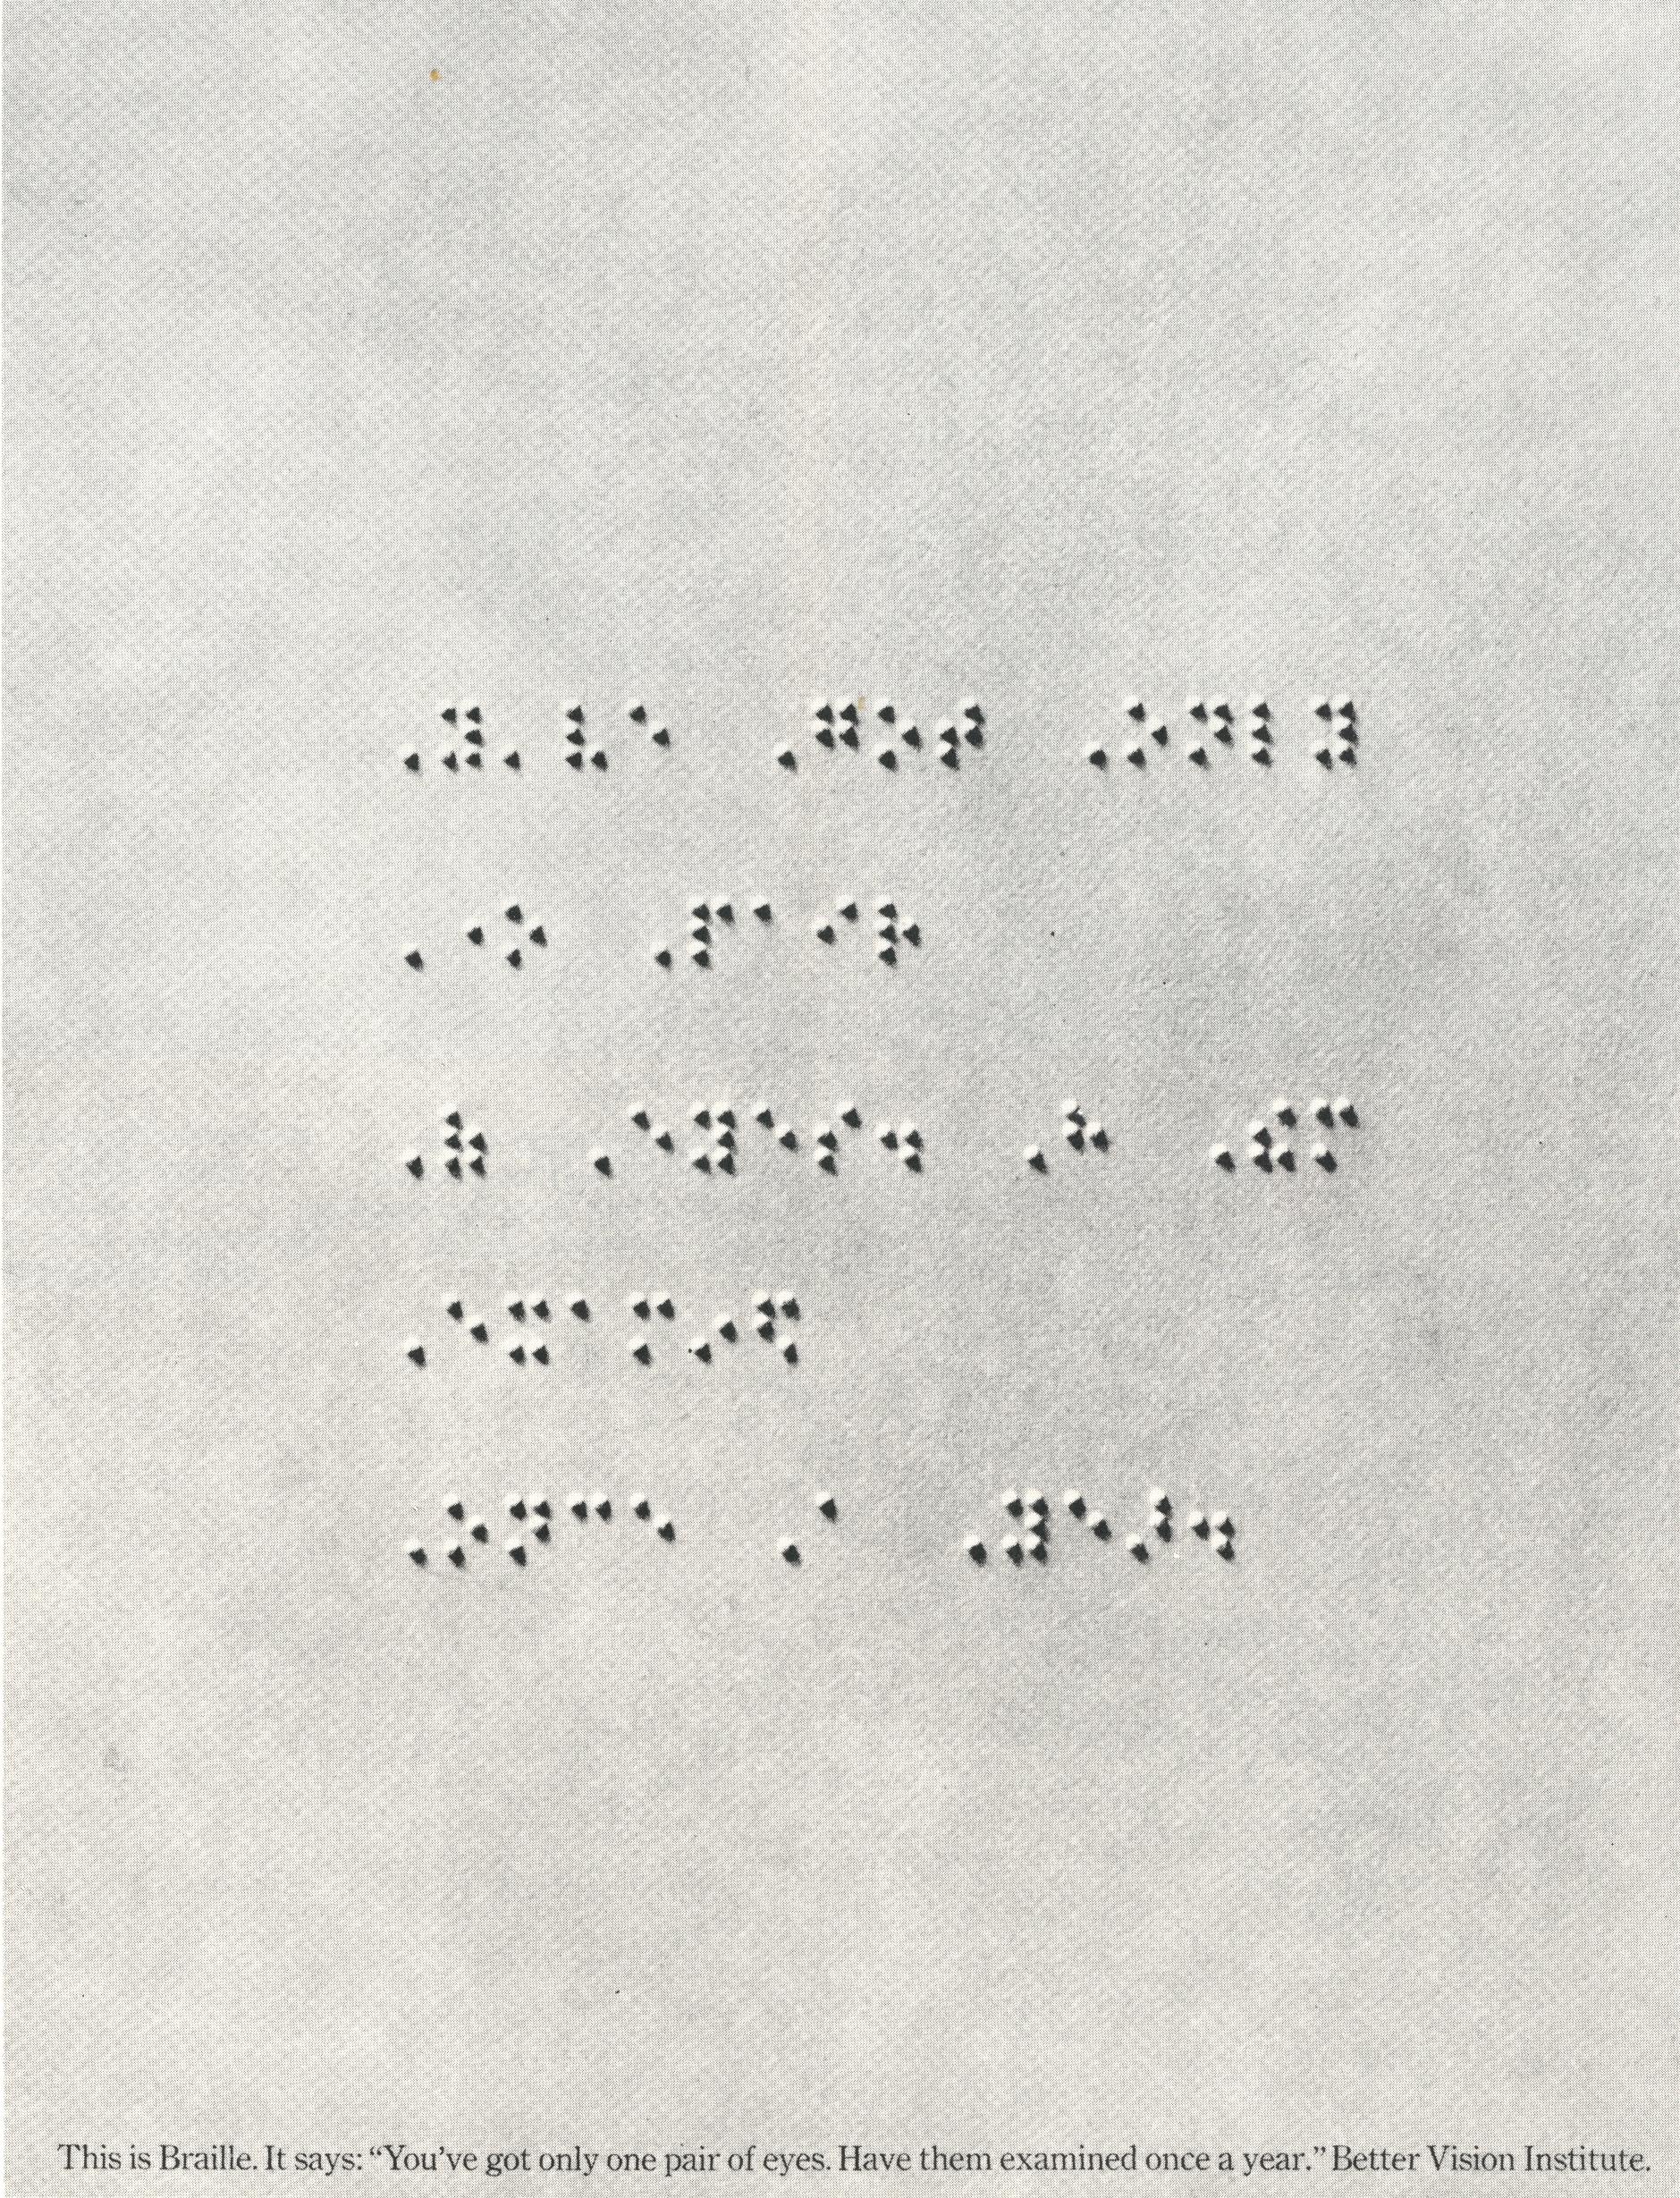 Len Sirowitz, Better Vision Institute 'Braille', DDB-01